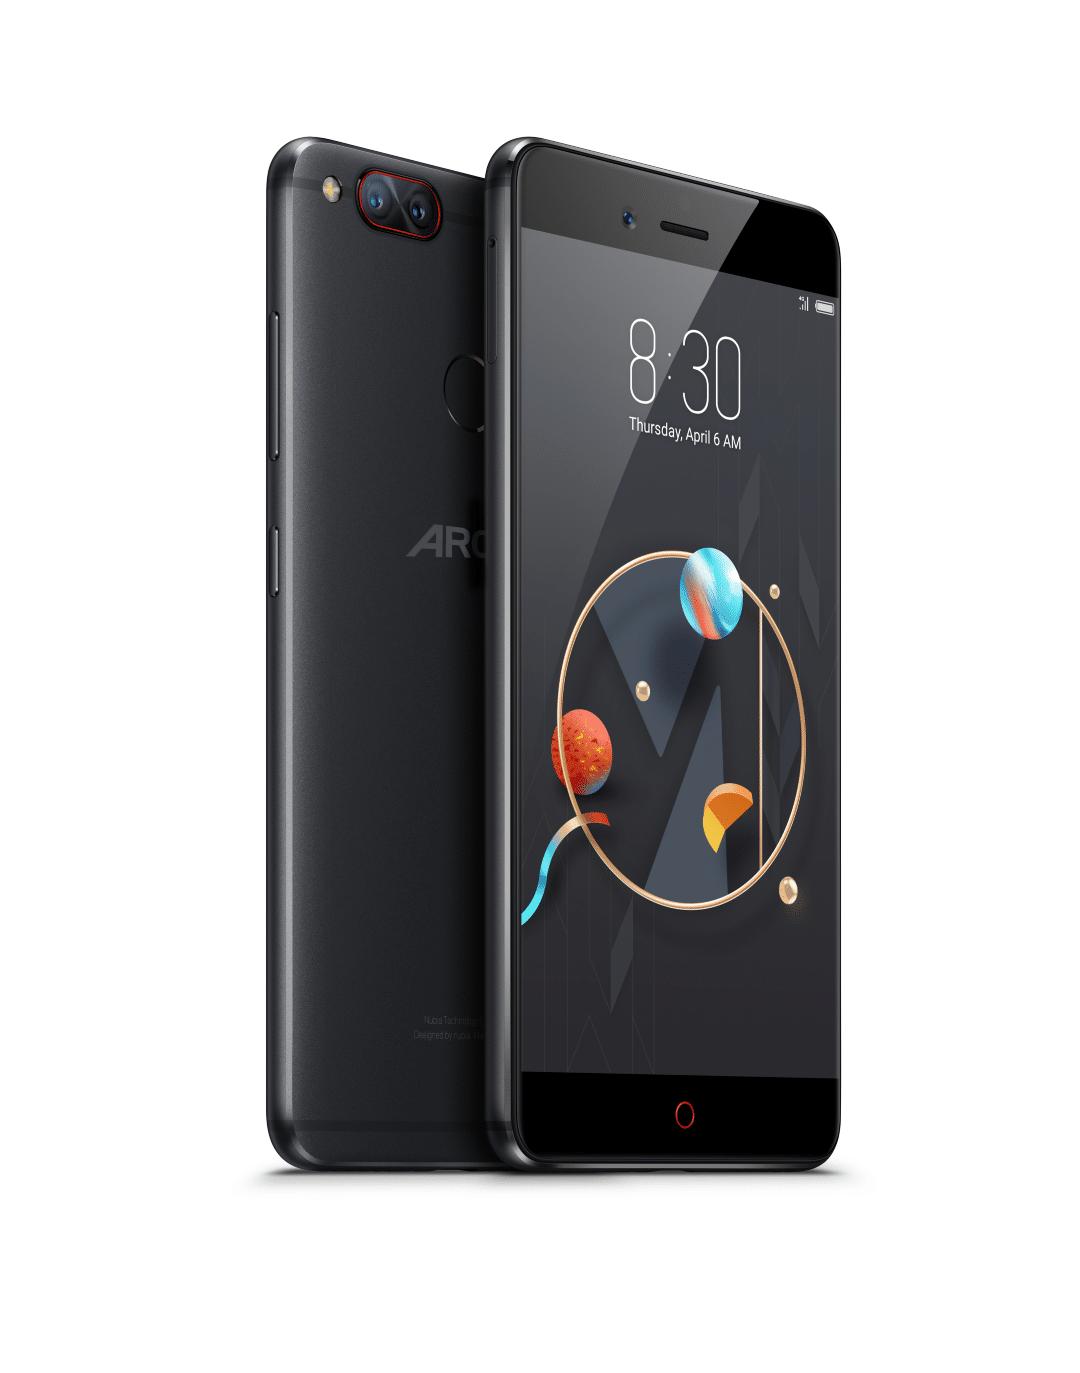 Archos stellt vier neue Handys vor